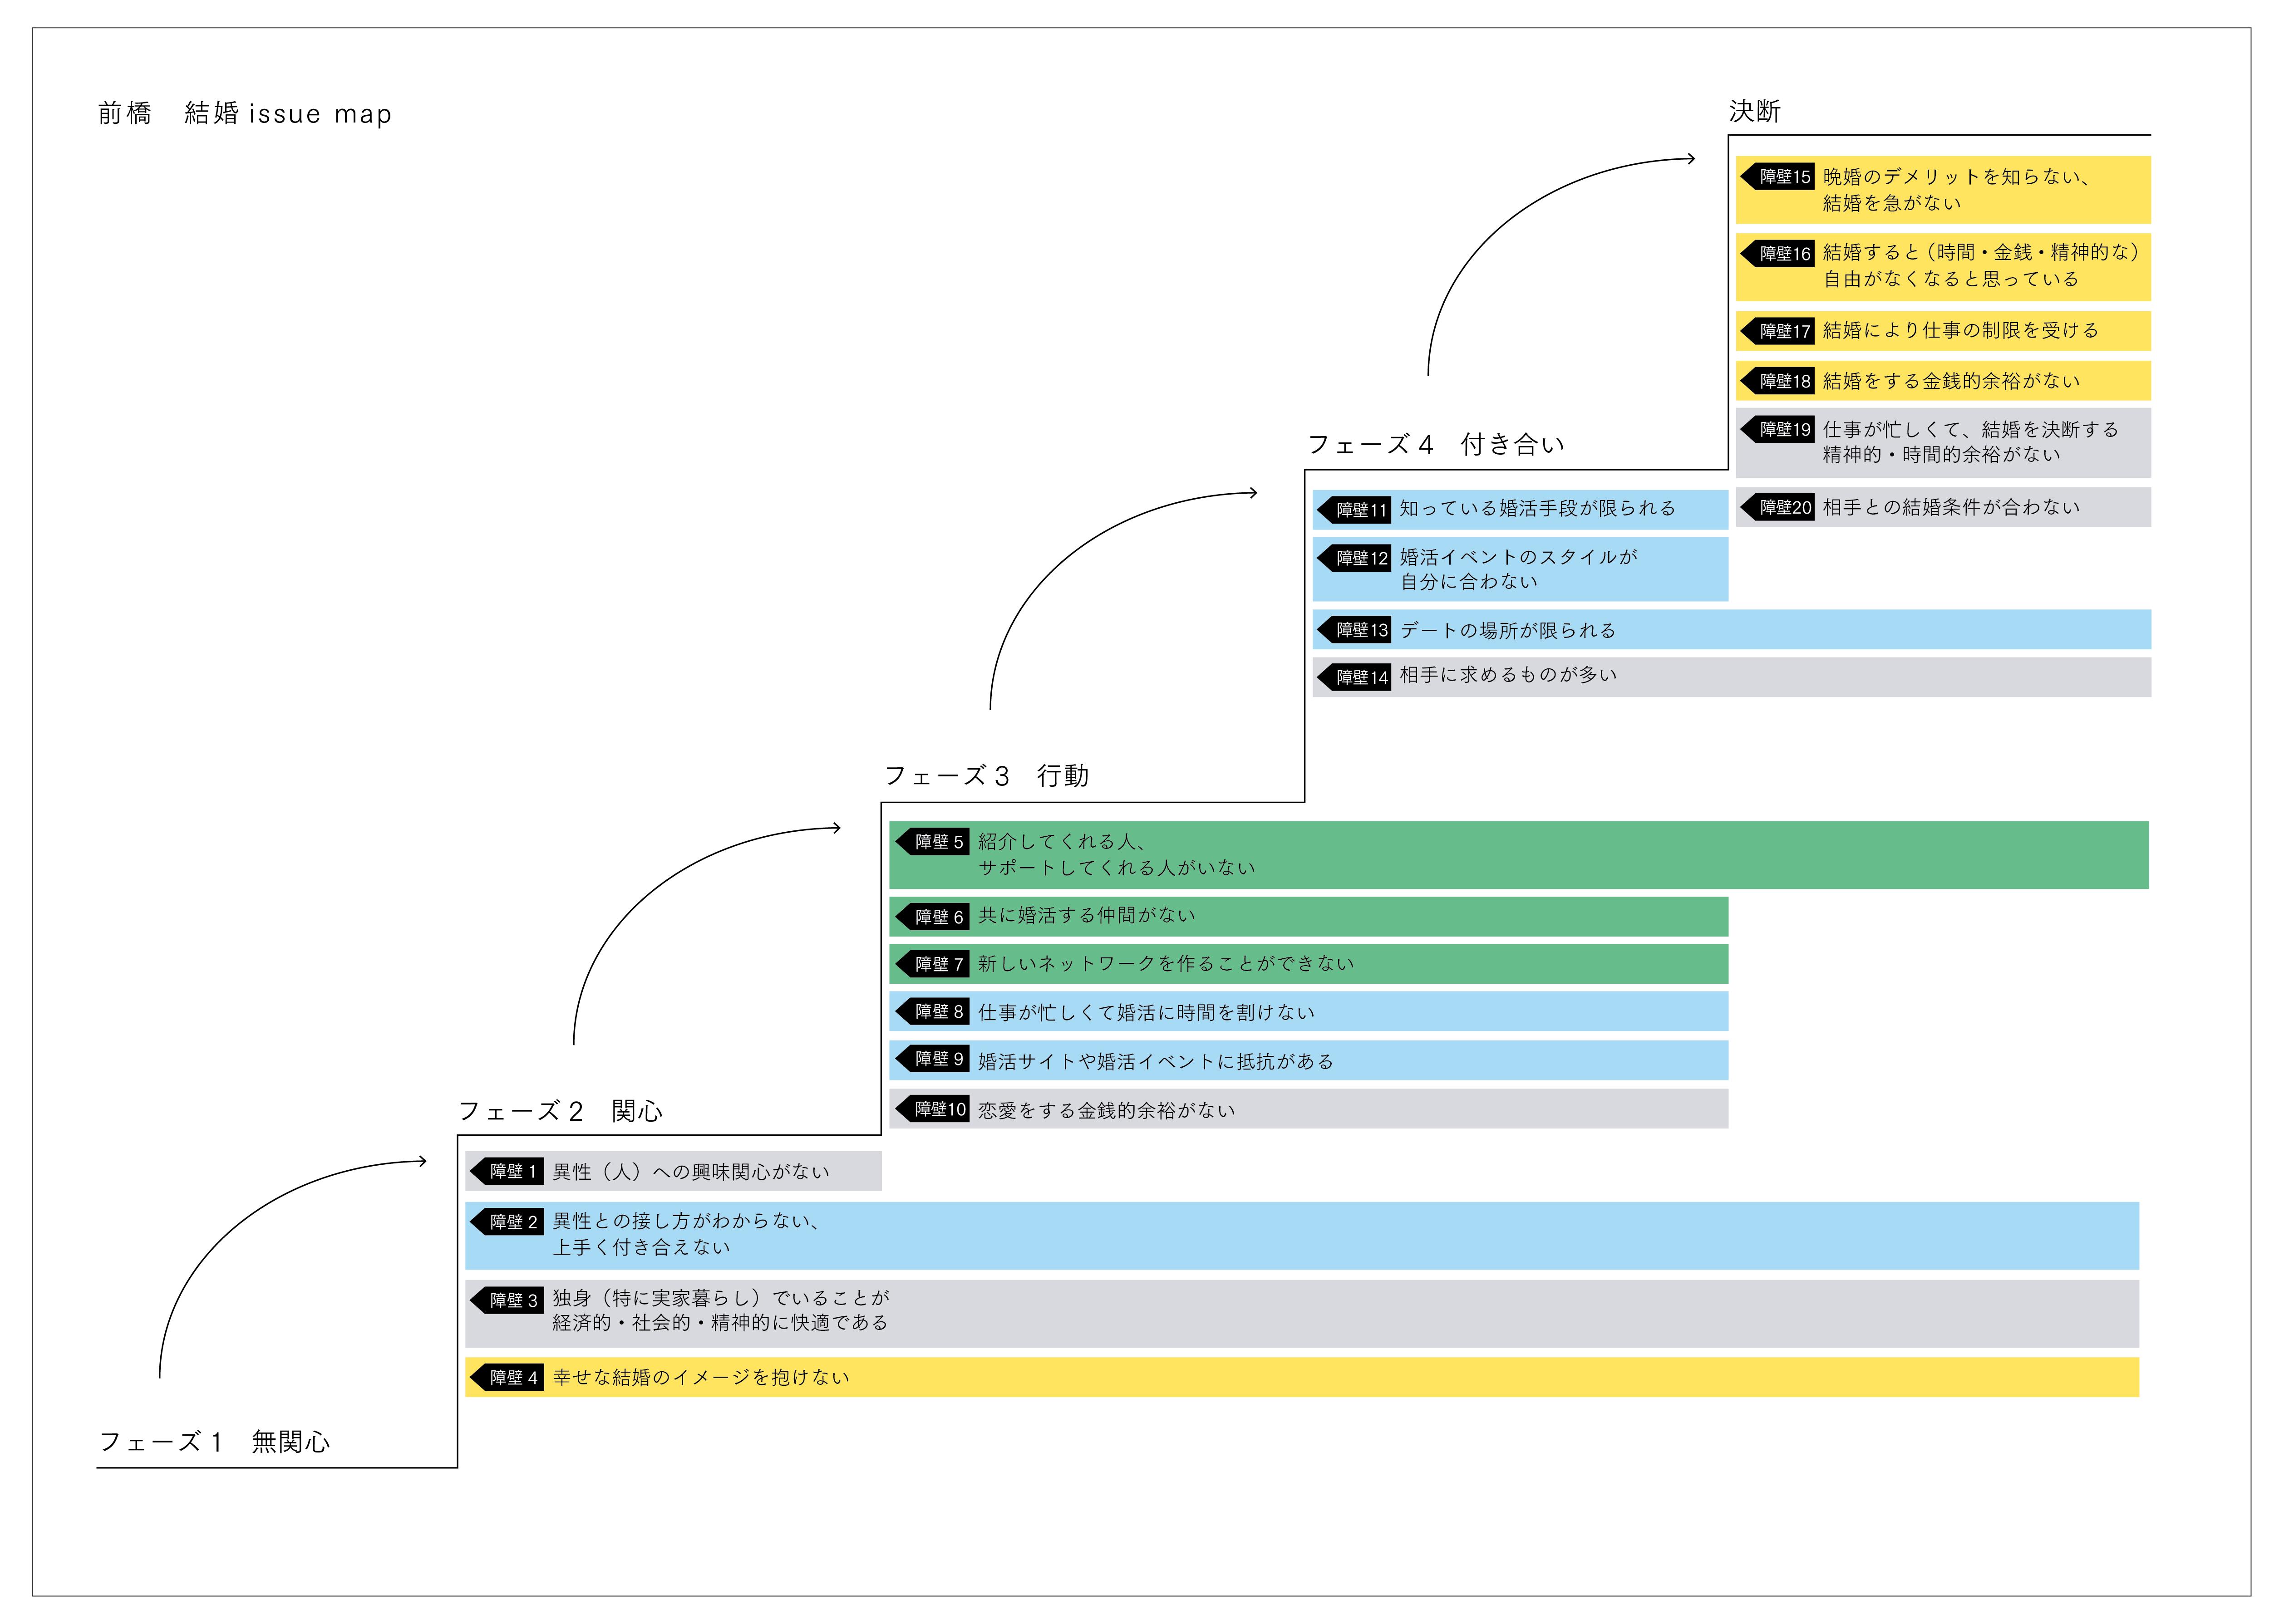 前橋issuemap_RGB枠あり